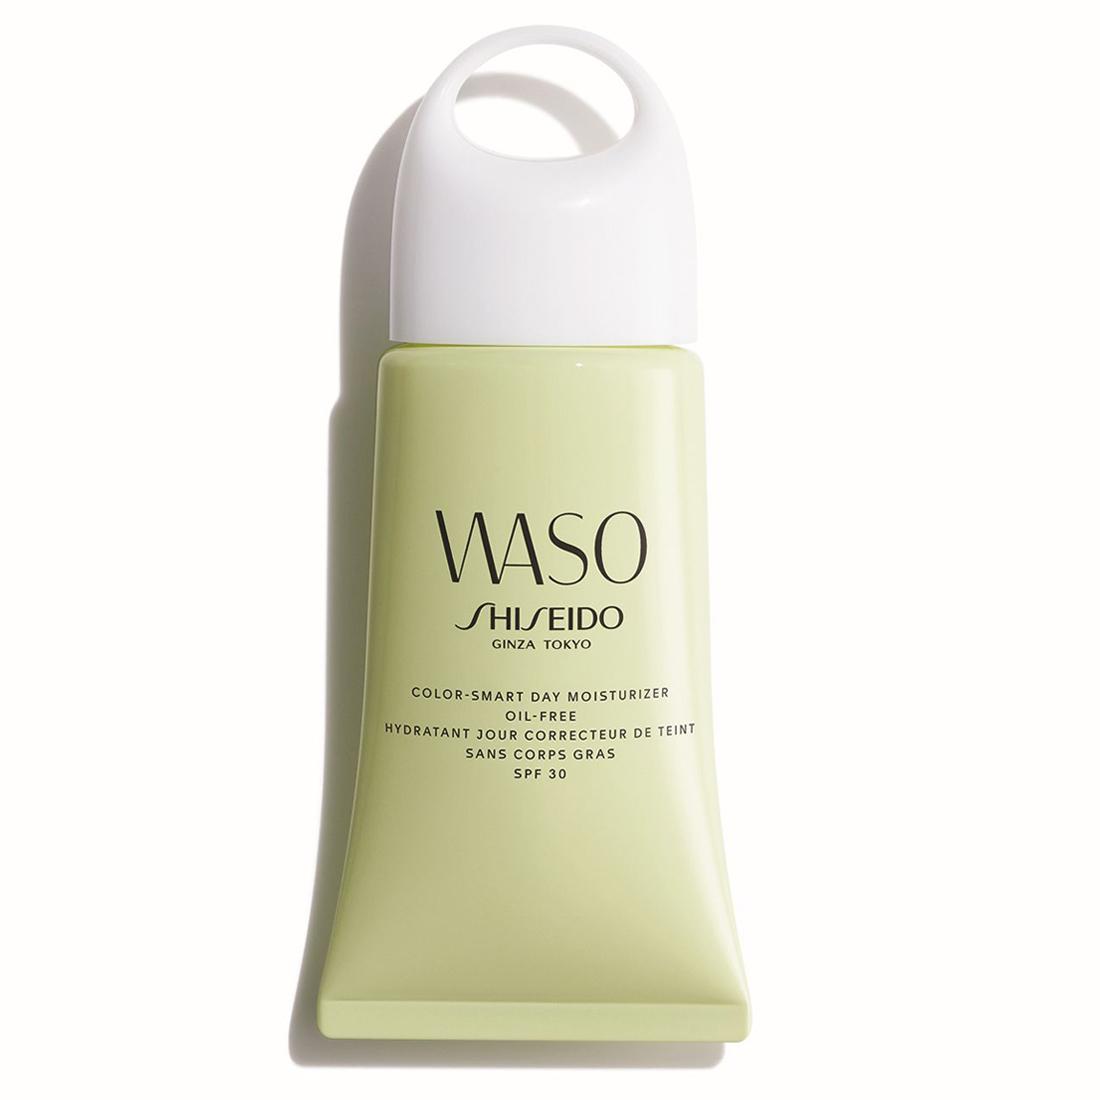 Waso Hydratant Jour Correcteur de Teint Sans Corps Gras - Shiseido